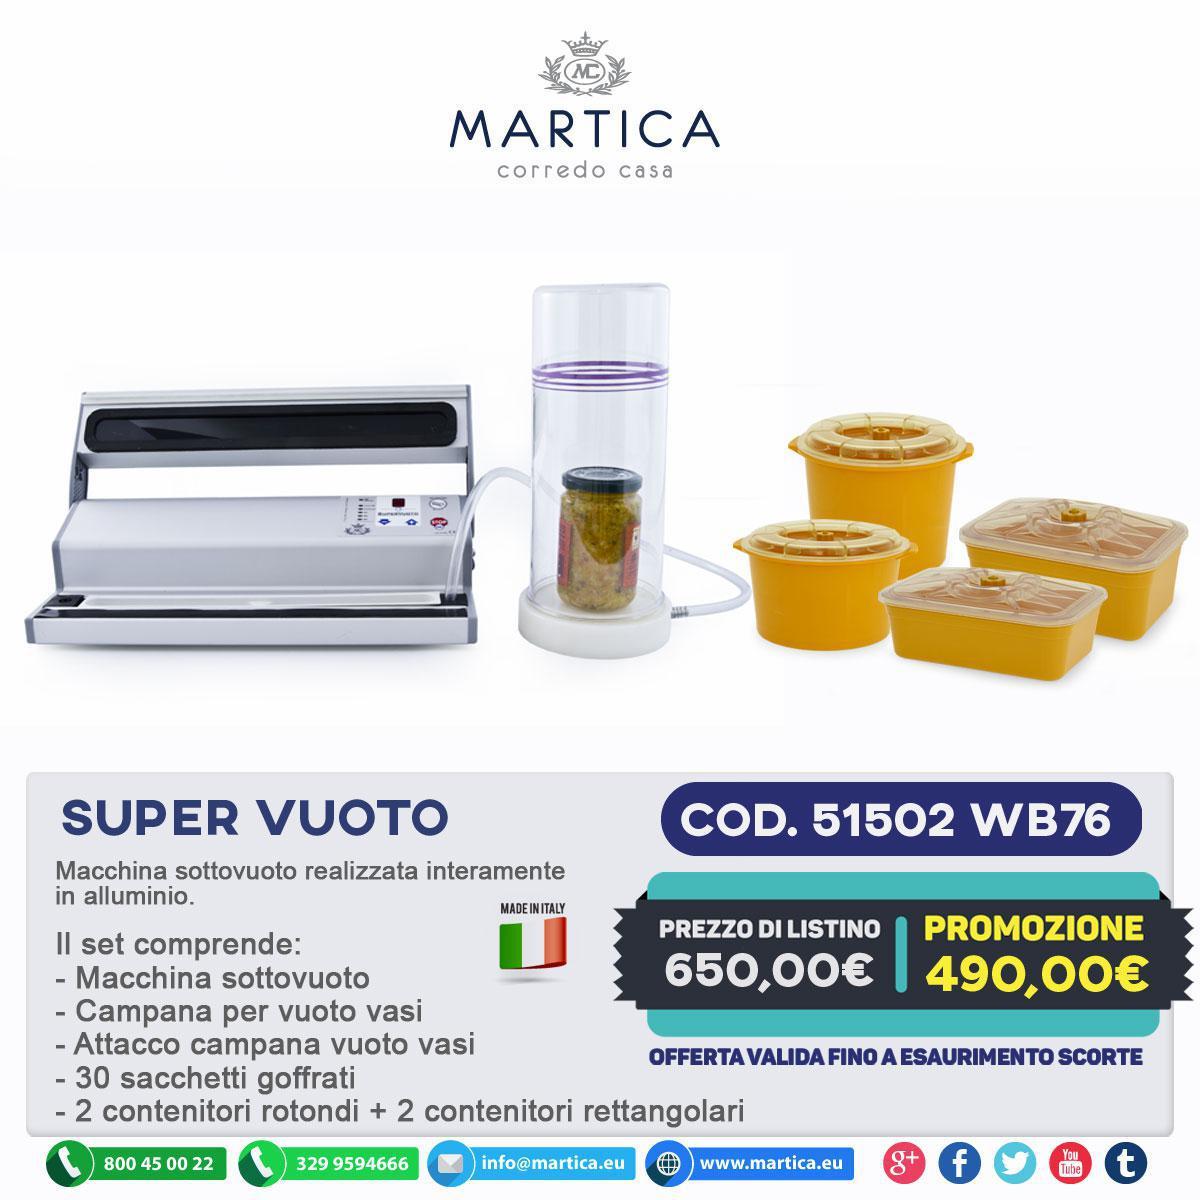 Super Vuoto Plus